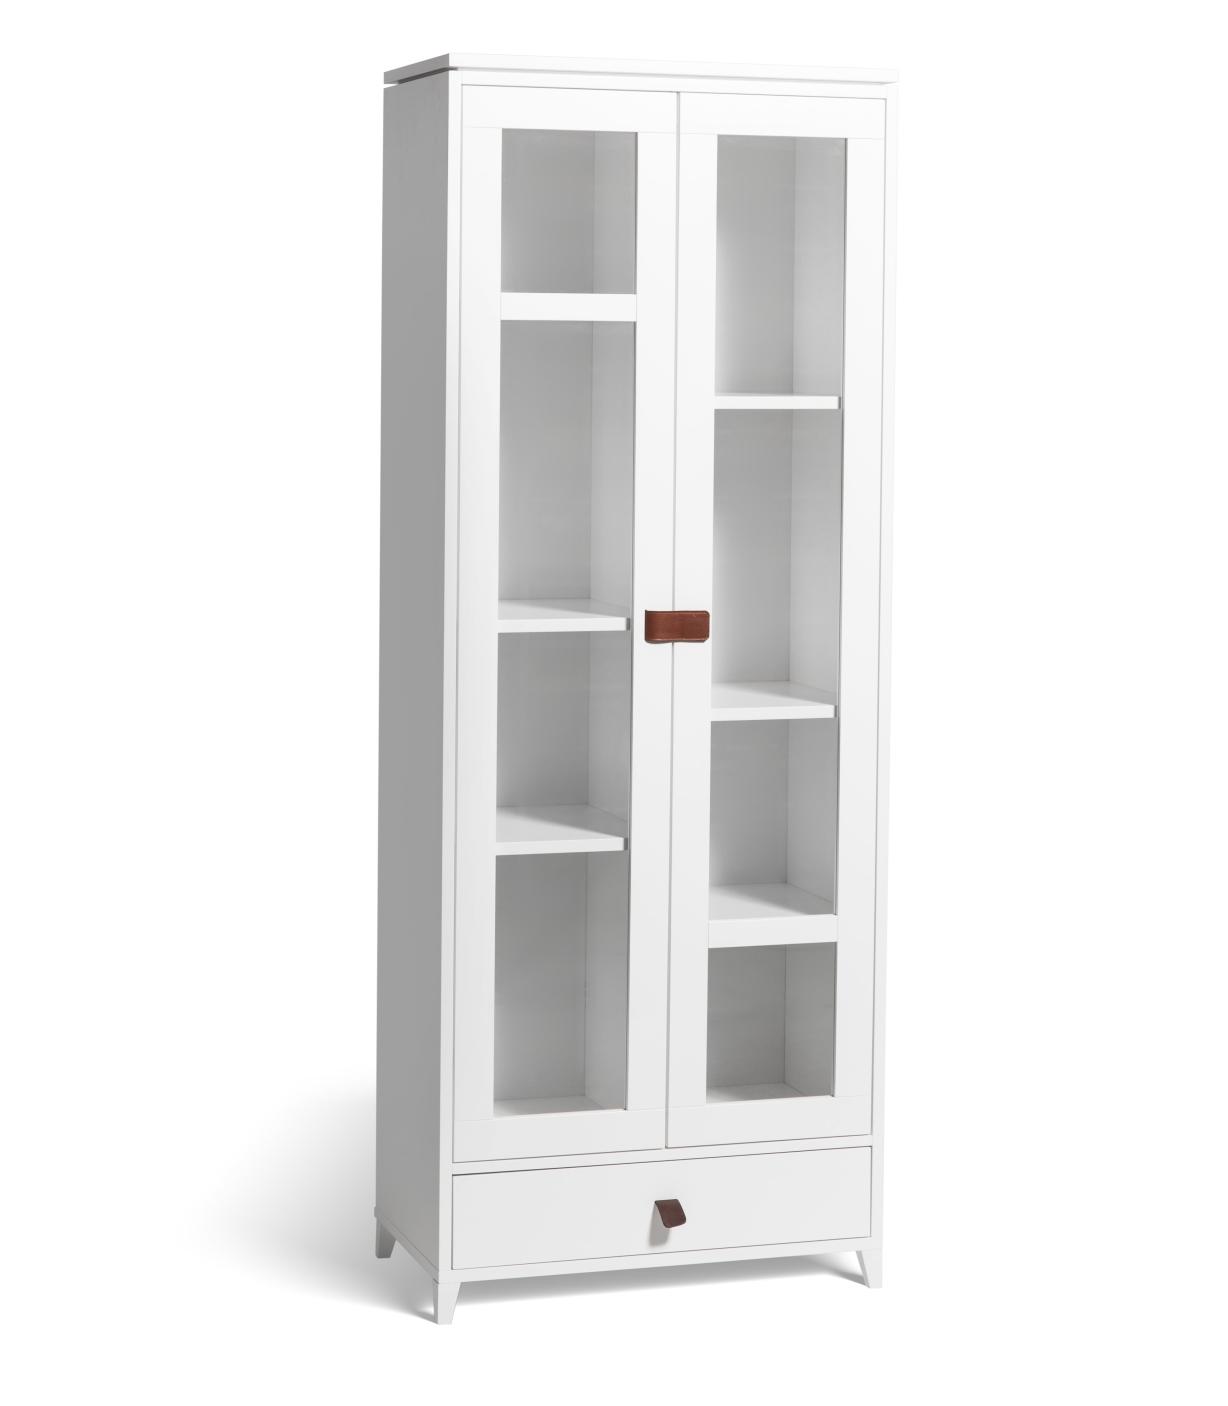 Abisko vitrinskåp högt 190 cm vit, Mavis